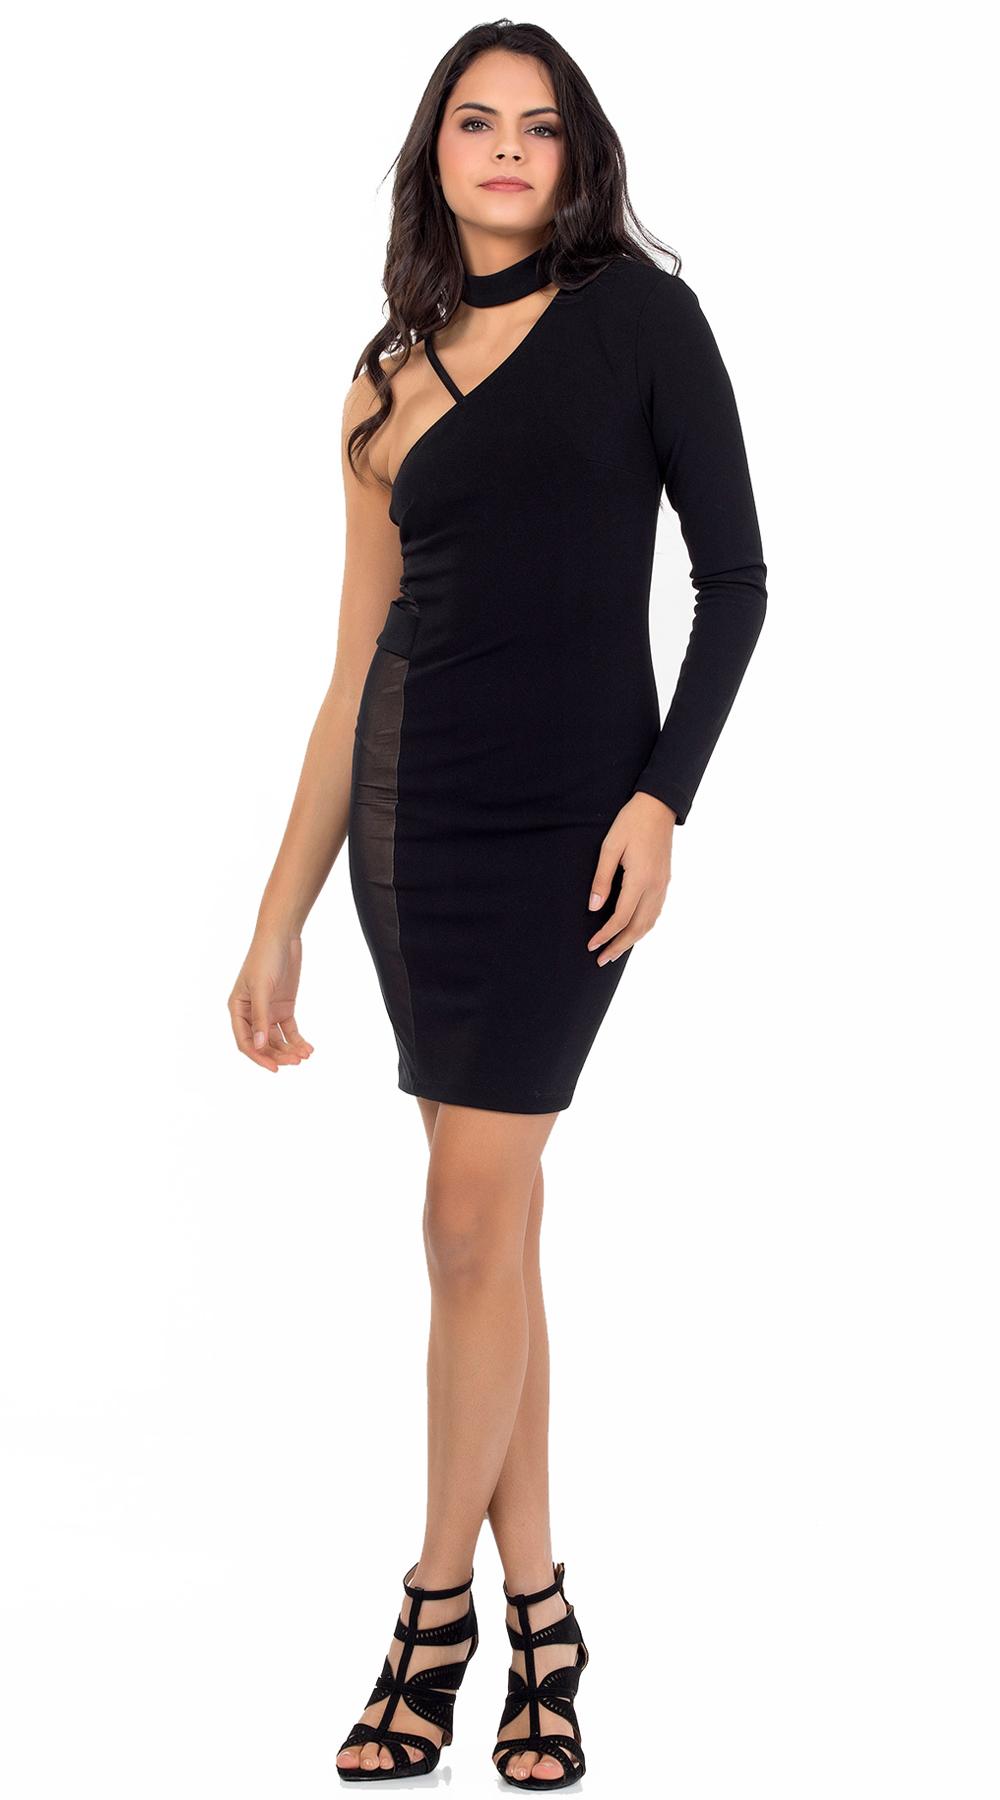 Φόρεμα bodycon με ένα μανίκι και τούλινο cut out Online - ONLINE - W18ON-54176 φορέματα βραδυνά φορέματα